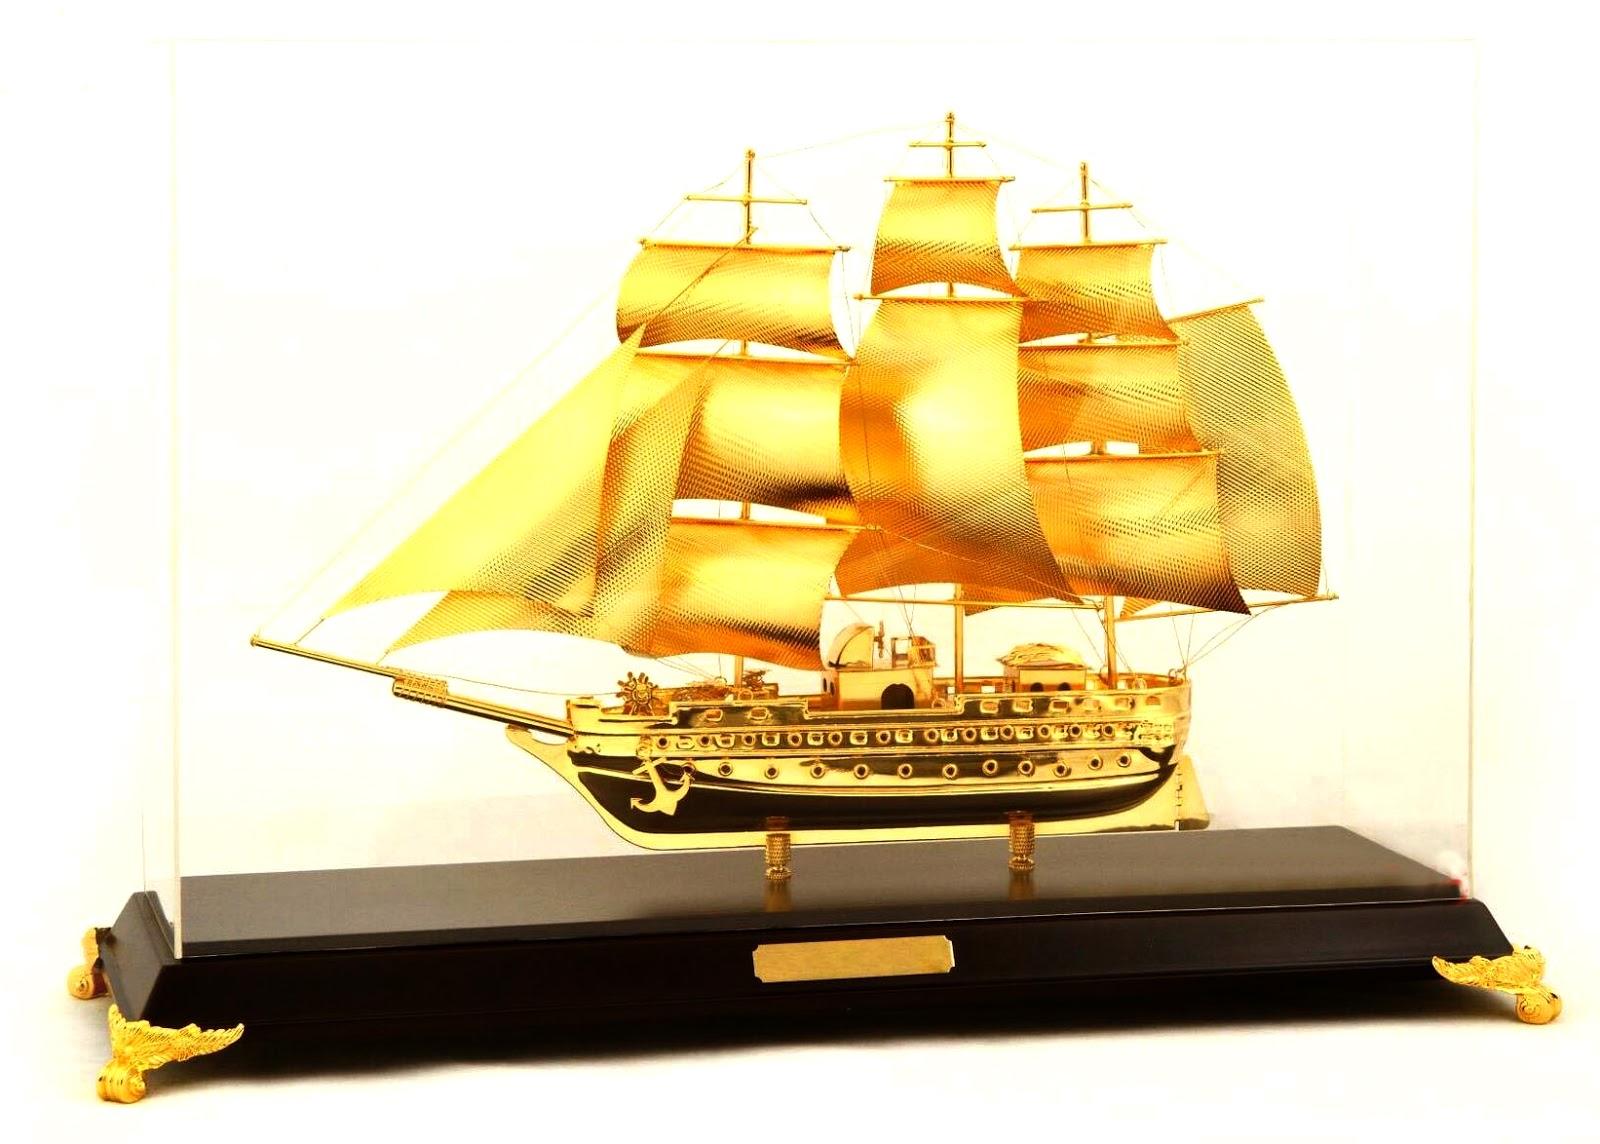 Thuyền buồm làm quà tặng sếp sao cho hợp phong thủy